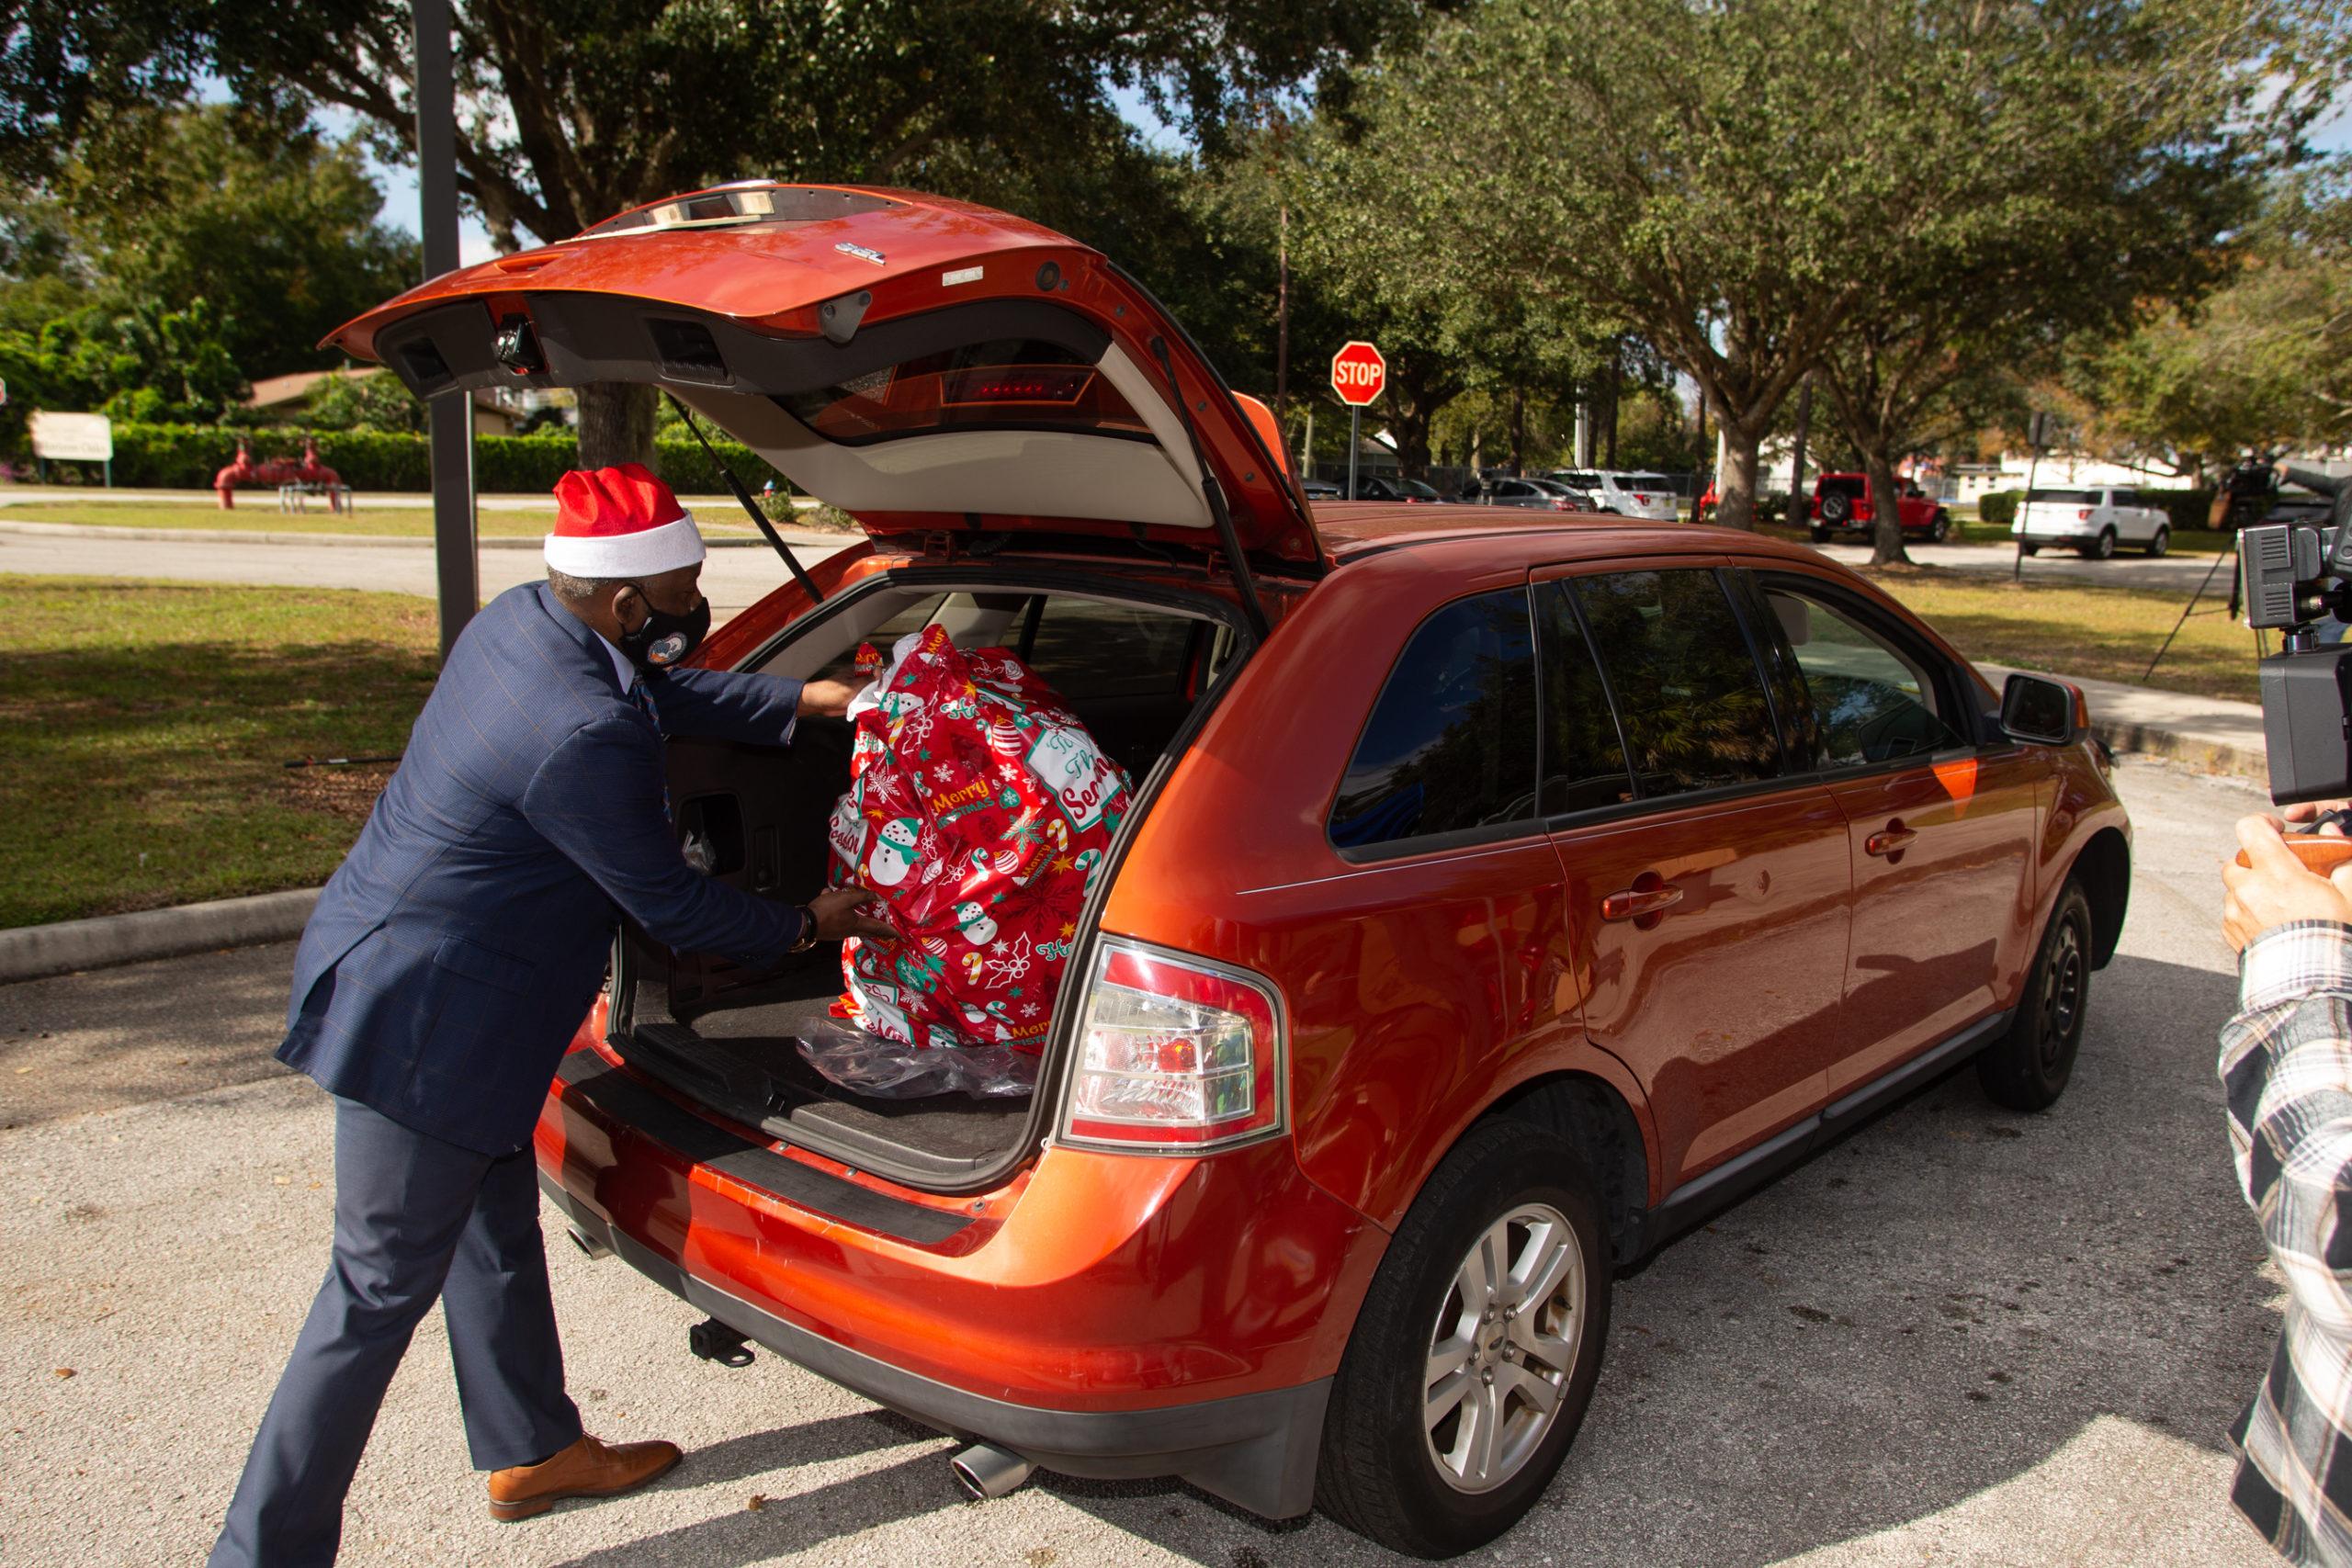 El Alcalde Demings carga juguetes dentro de un auto para la colecta de juguetes.